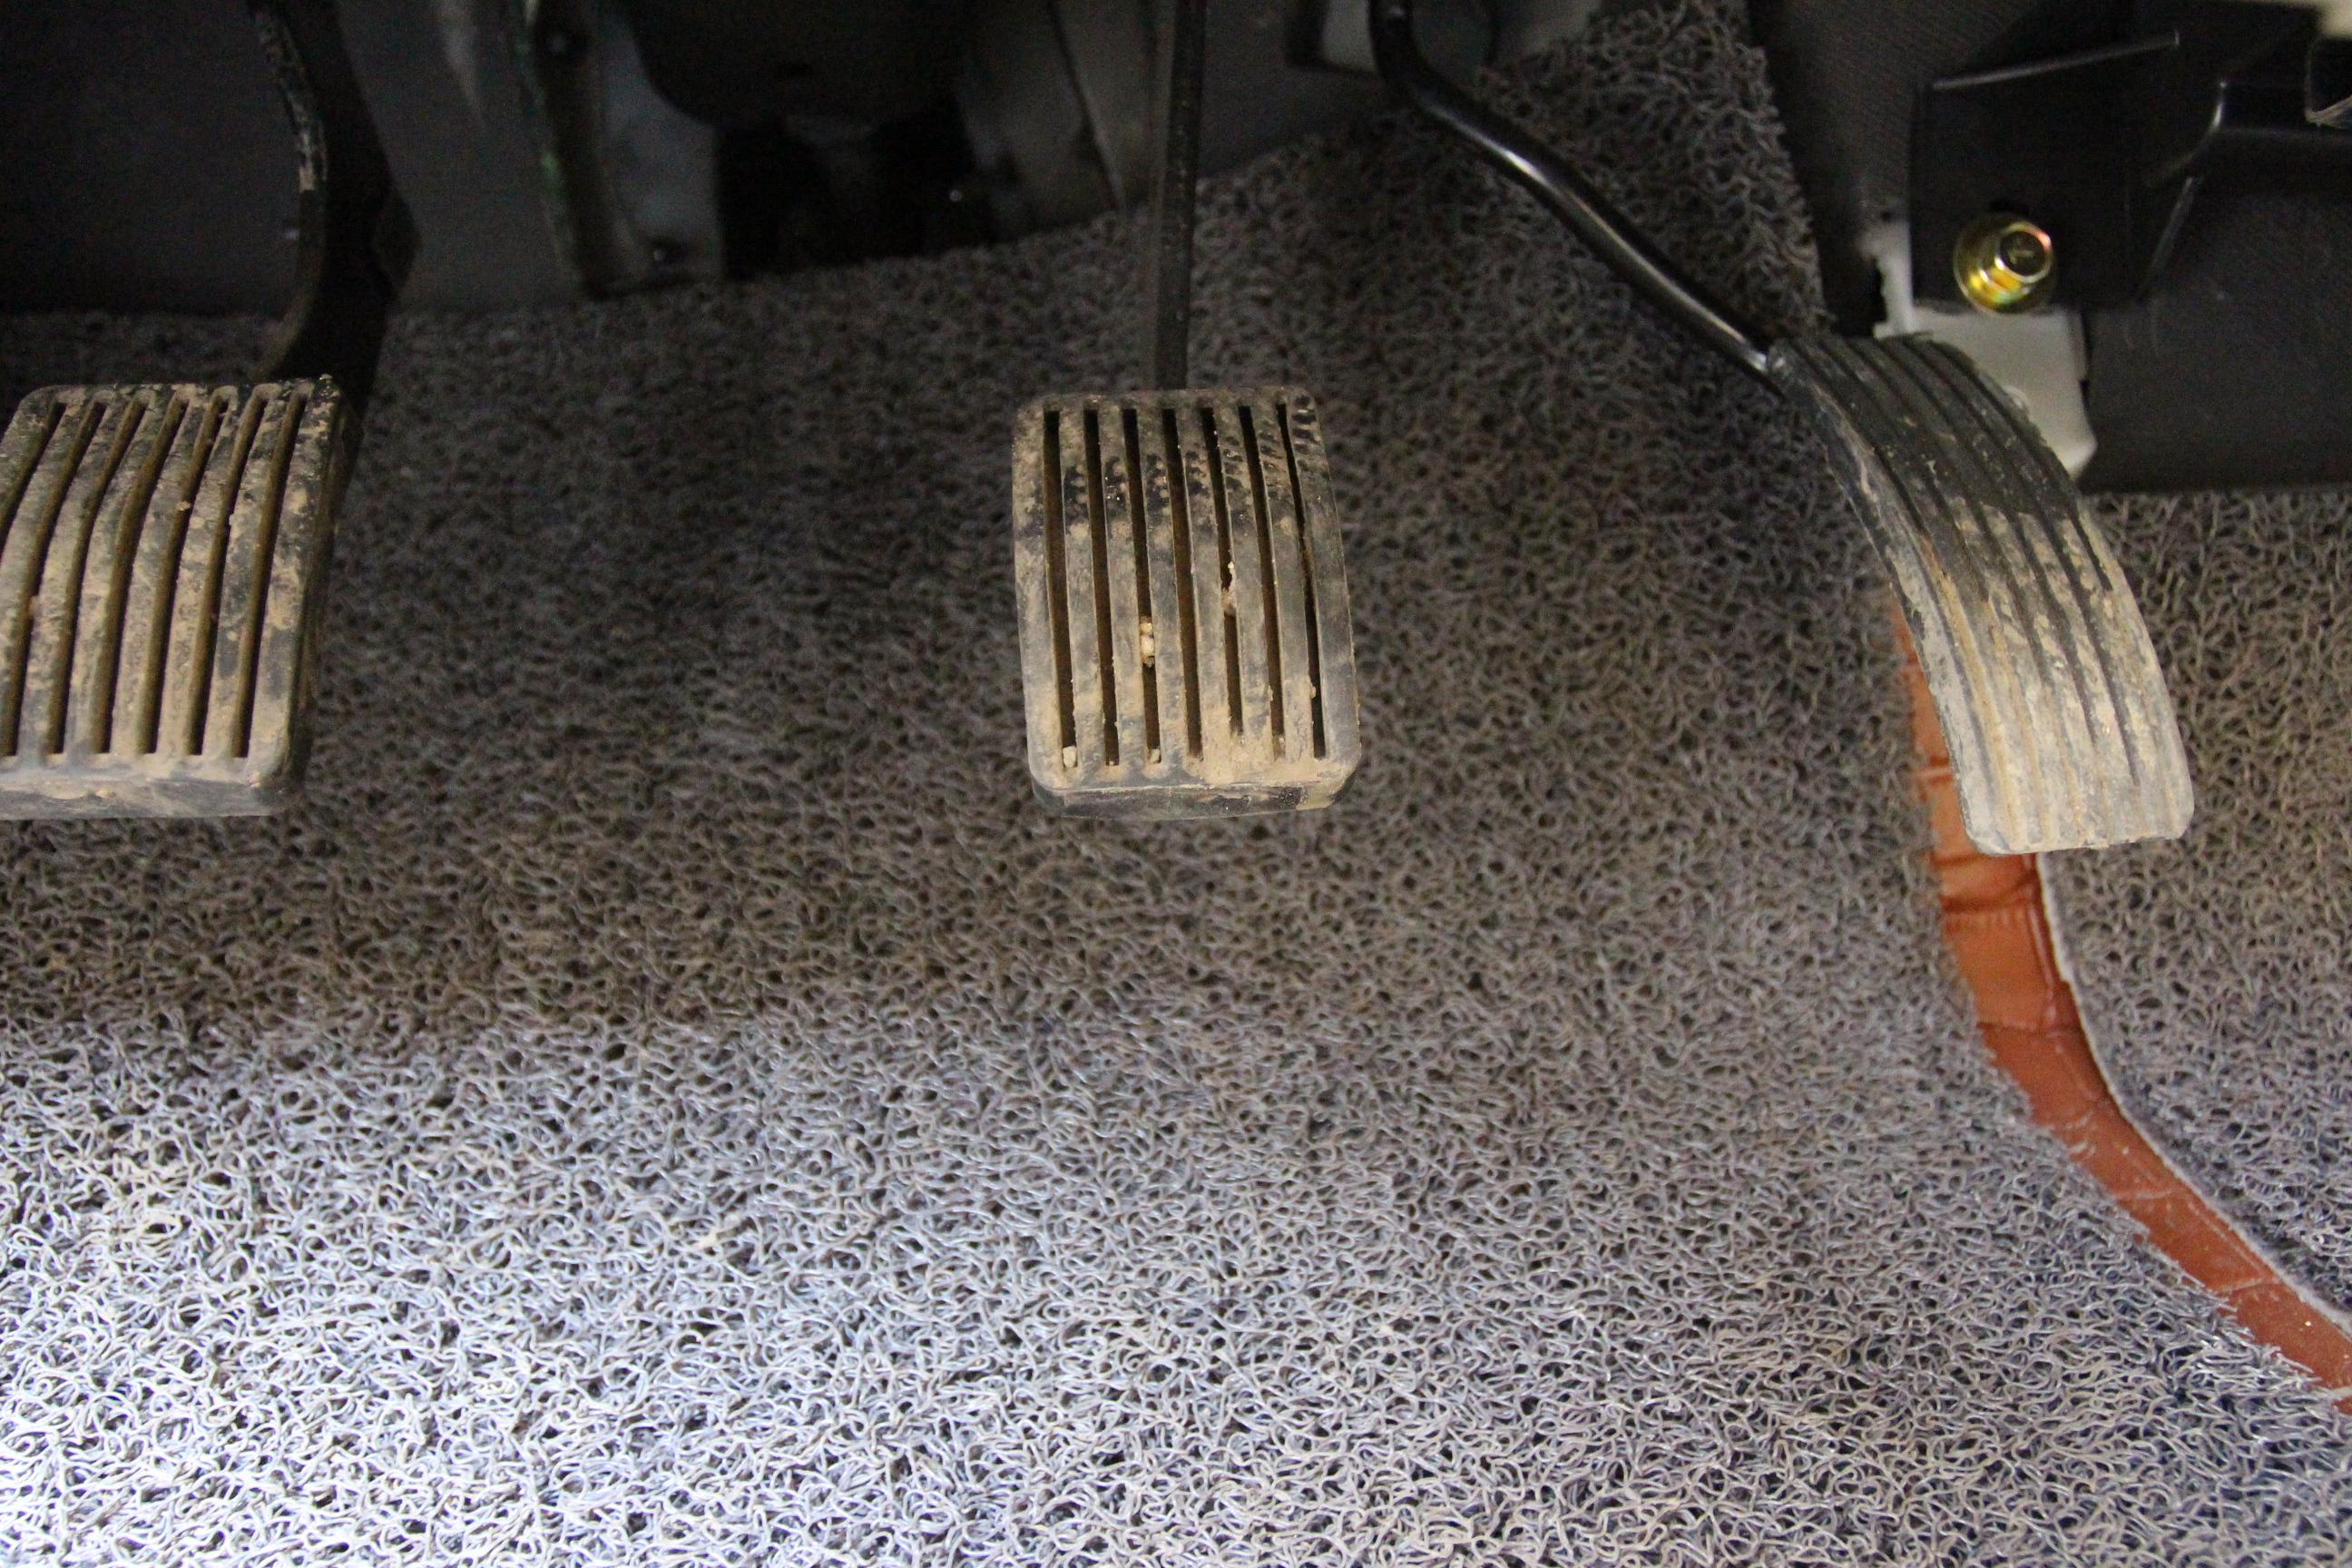 东风菱智汽车铺木地板方法图解